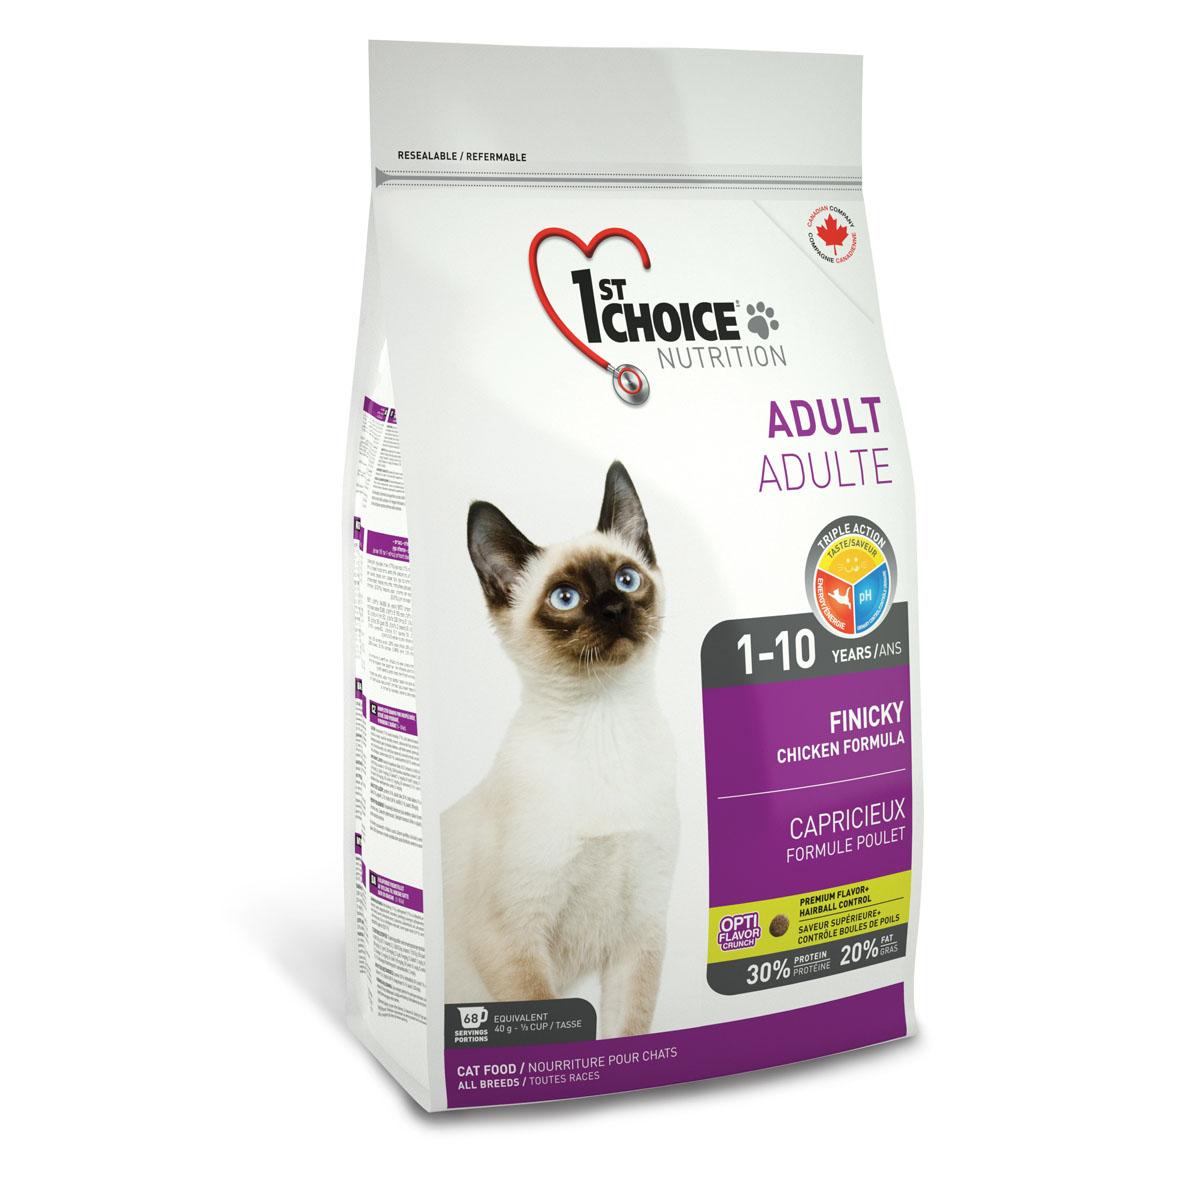 Корм сухой 1st Choice Adult для взрослых привередливых кошек, с курицей, 2,72 кг56672Сухой корм 1st Choice Adult специально создан для привередливых взрослых кошек с нормальной активностью и избирательным вкусом. Свежая курица и сельдь понравится самым привередливым в еде кошкам. Идеальное сочетание белков, жиров и углеводов обеспечивает максимально доступной энергией. Правильный рН-баланс помогает поддерживать здоровье мочевыделительной системы. Ингредиенты: свежая курица 17%, мука из мяса курицы 17%, рис, куриный жир, сохраненный смесью натуральных токоферолов витамин Е, гороховый протеин, коричневый рис, мука из сельди, сушеное яйцо, мякоть свеклы, специально обработанные ядра ячменя и овса, гидролизат куриной печени, клетчатка гороха, цельное семя льна, сушеная мякоть томата, жир лосося, калия хлорид, лецитин, холина хлорид, соль, кальция пропионат, натрия бисульфат, кальция карбонат, таурин, DL-метионин, L-лизин, экстракт дрожжей, железа сульфат, аскорбиновая кислота (витамин С), экстракт цикория, цинка оксид, натрия селенит, альфа-токоферол...